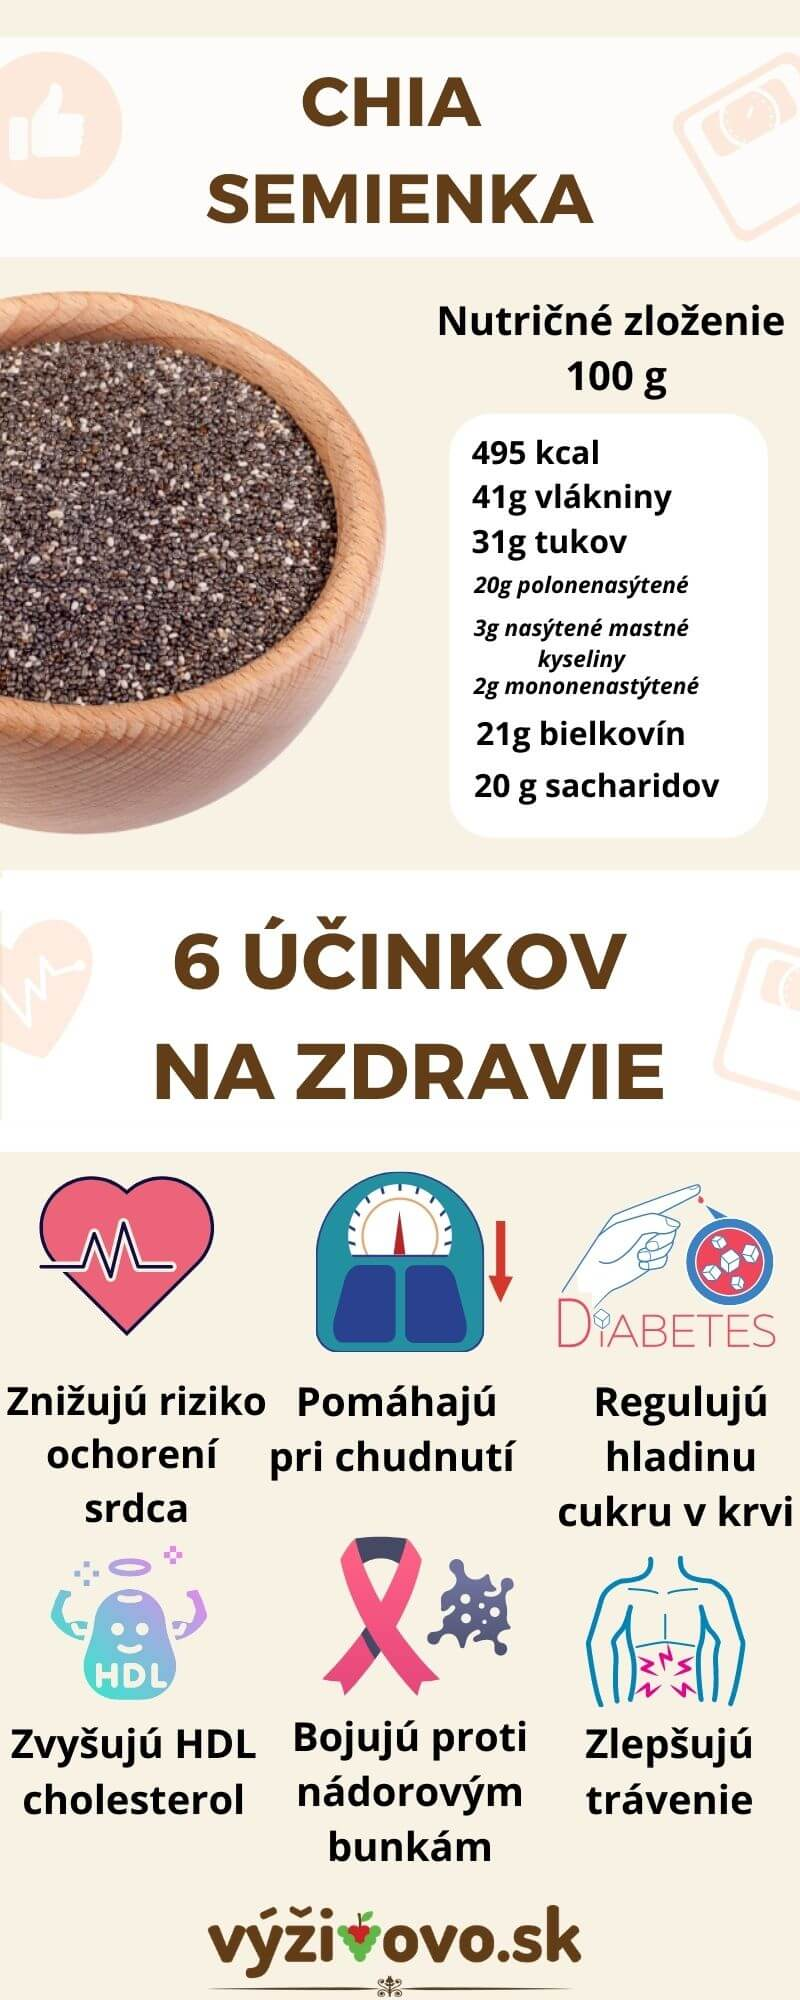 Chia semienka spolu s ich zdravotnými výhodami a nutričným zložením